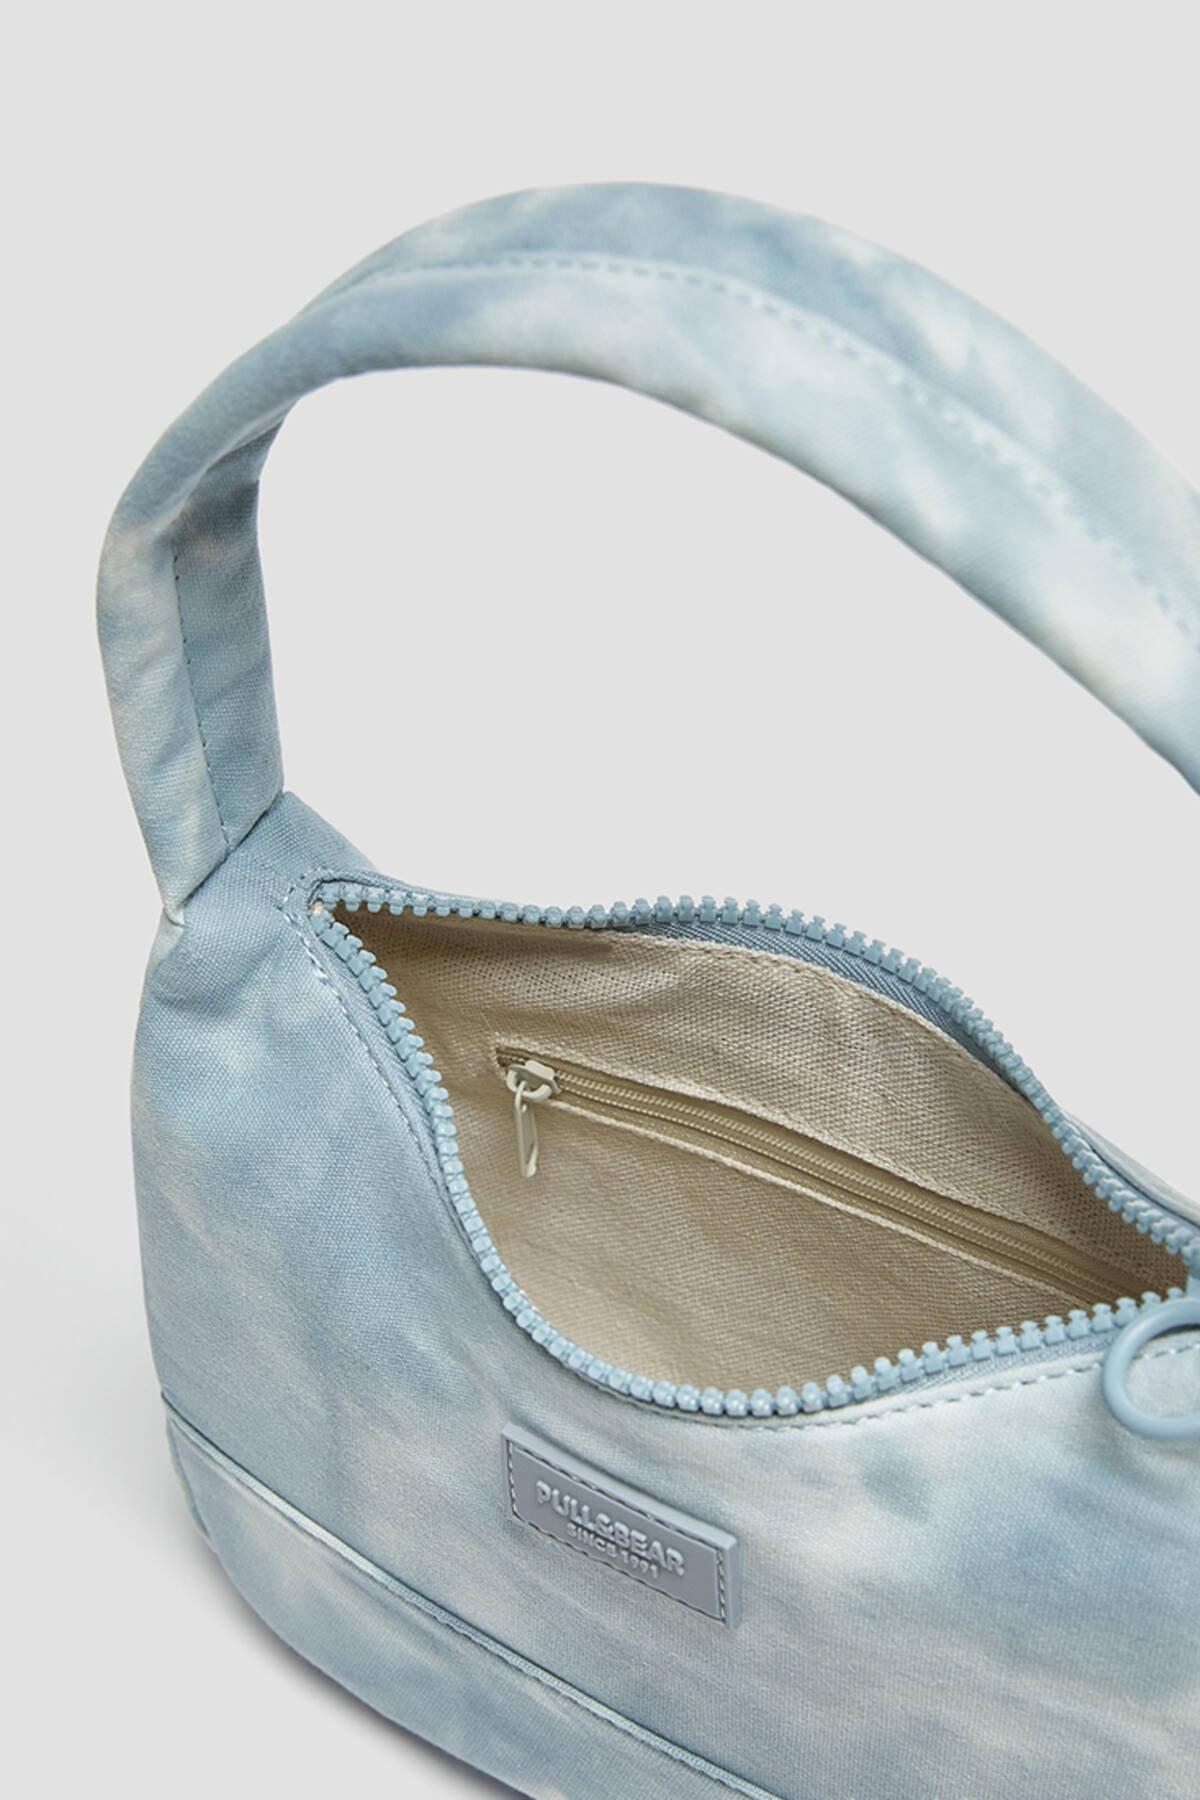 Pull & Bear Kadın Mavi Batik Desenli Kol Çantası 14155740 1